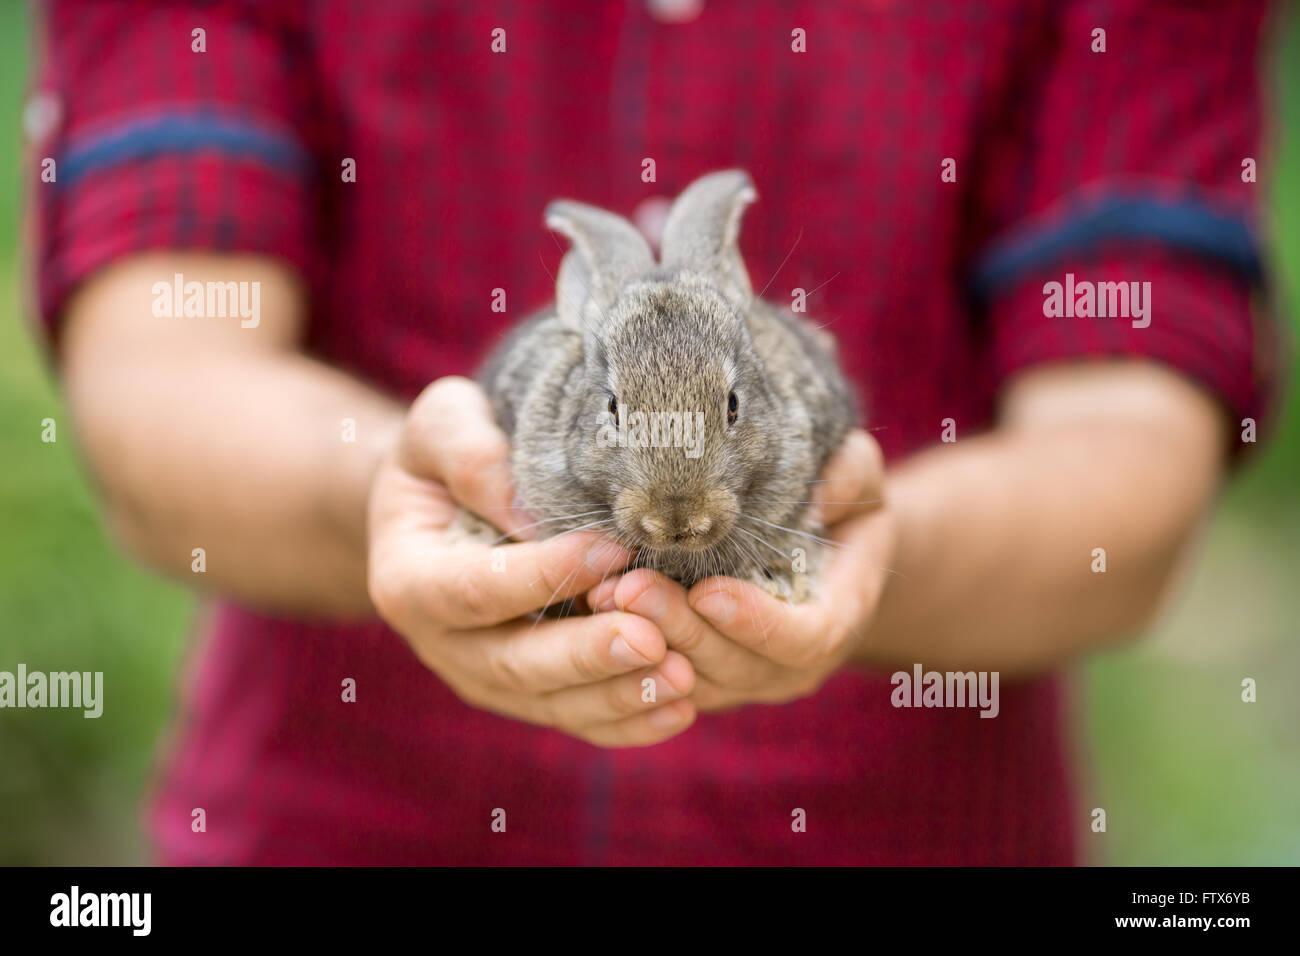 Lapin. Les animaux et les personnes Photo Stock